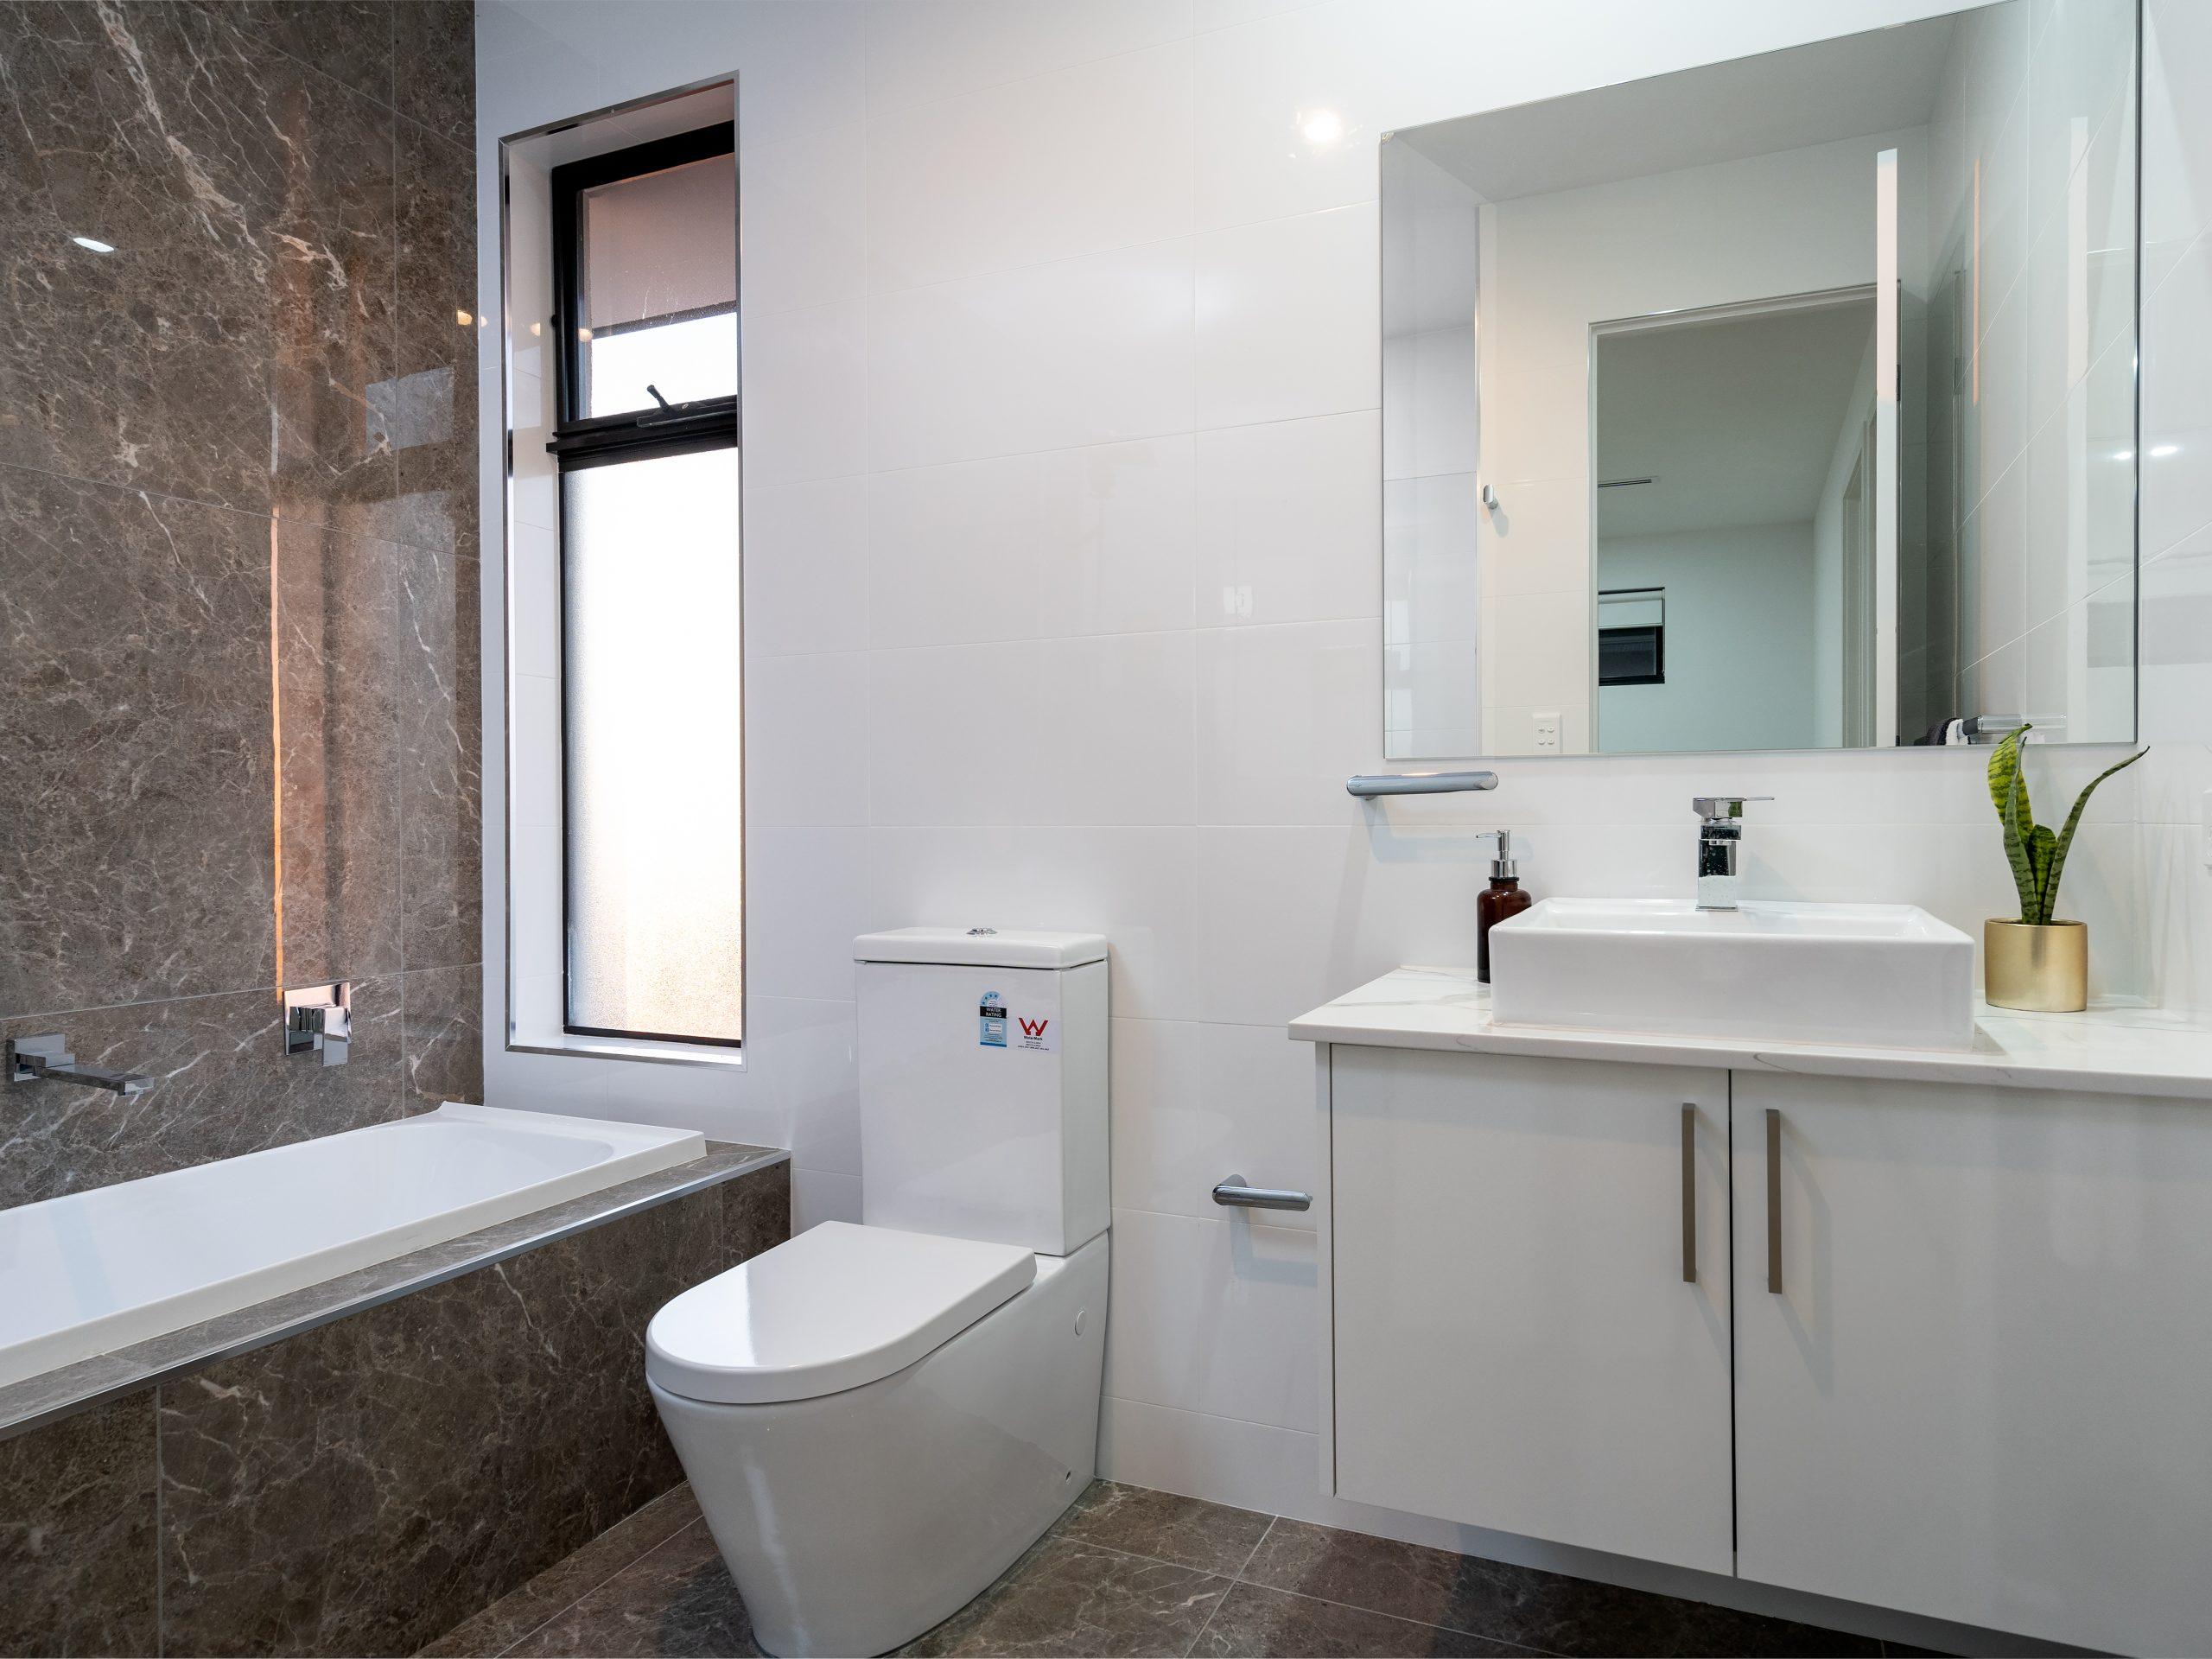 Hectorville - Pierson - HBC Homes Adelaide - _DSC2609-Edit